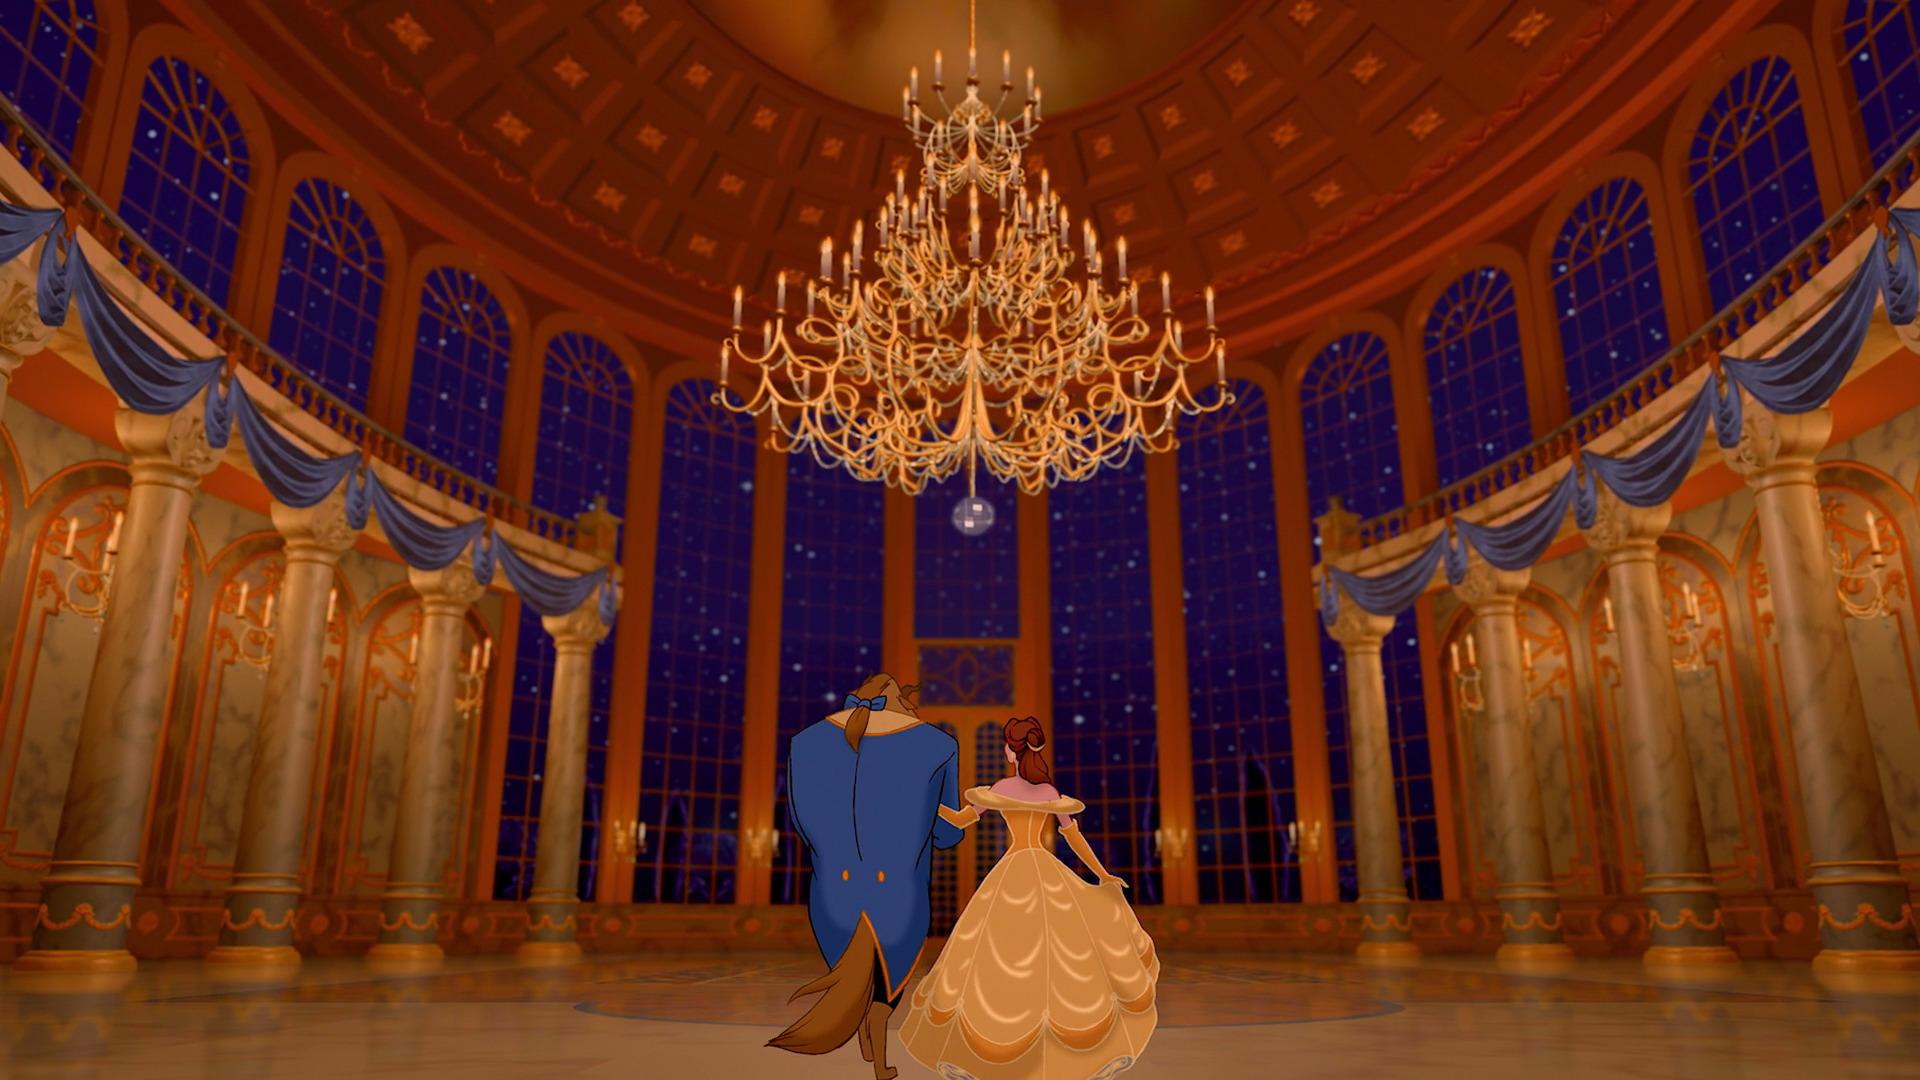 The Ballroom | Disney Wiki | FANDOM powered by Wikia